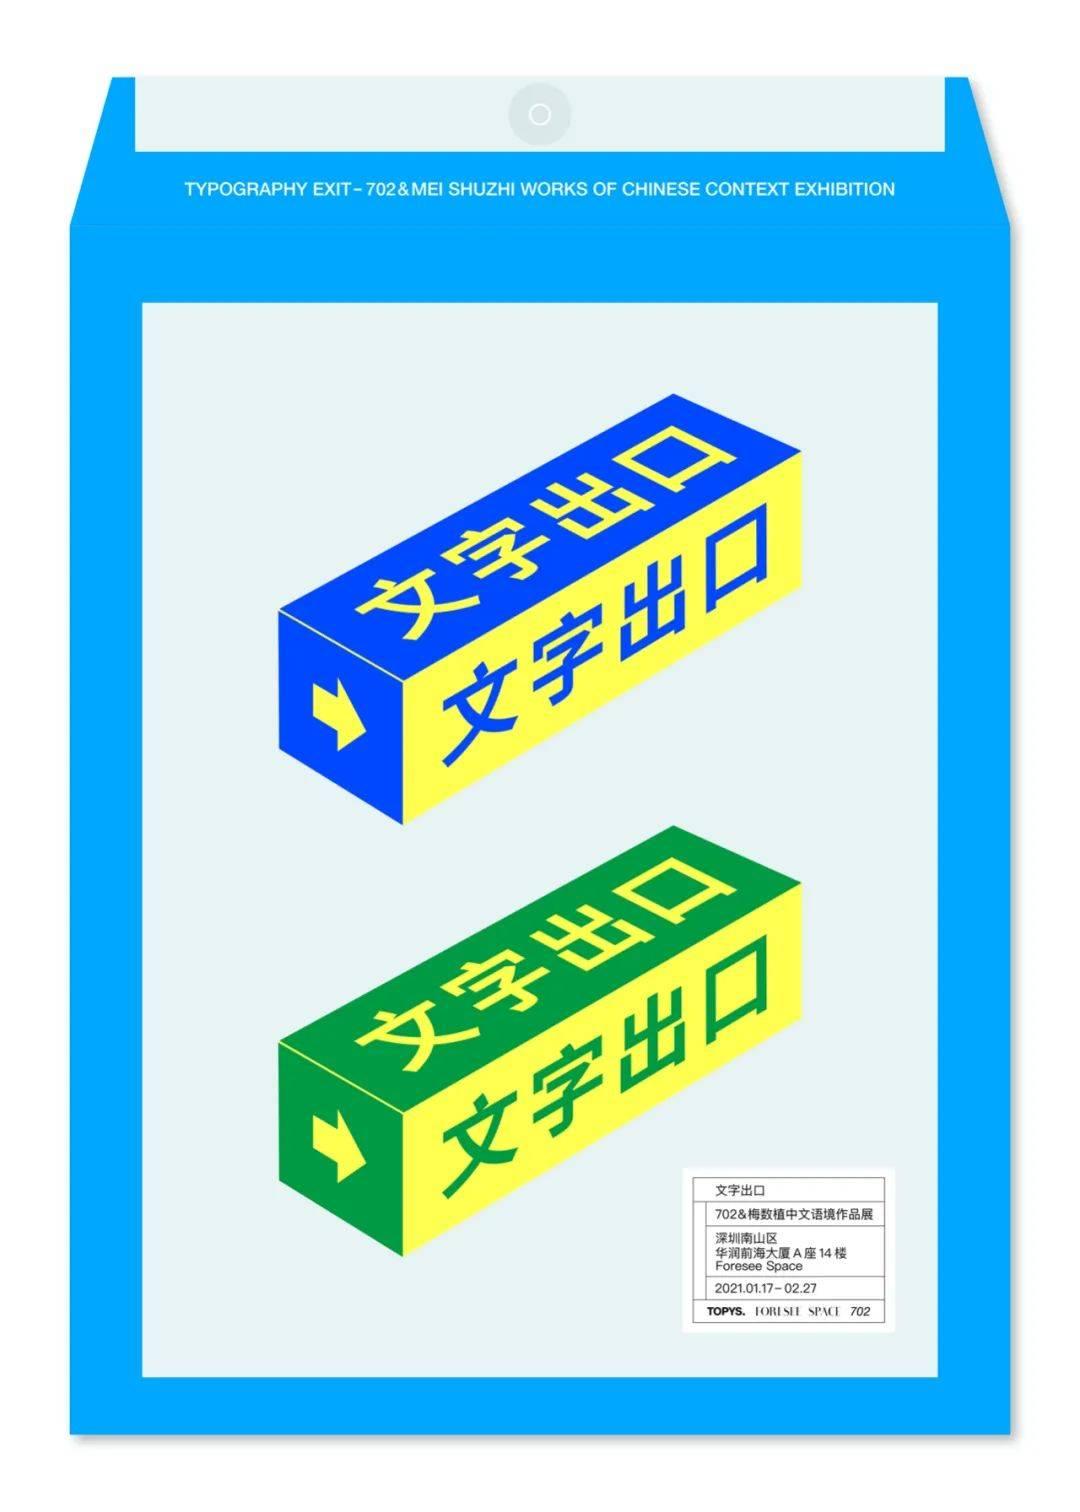 文字出口:702&梅数植中文语境作品展